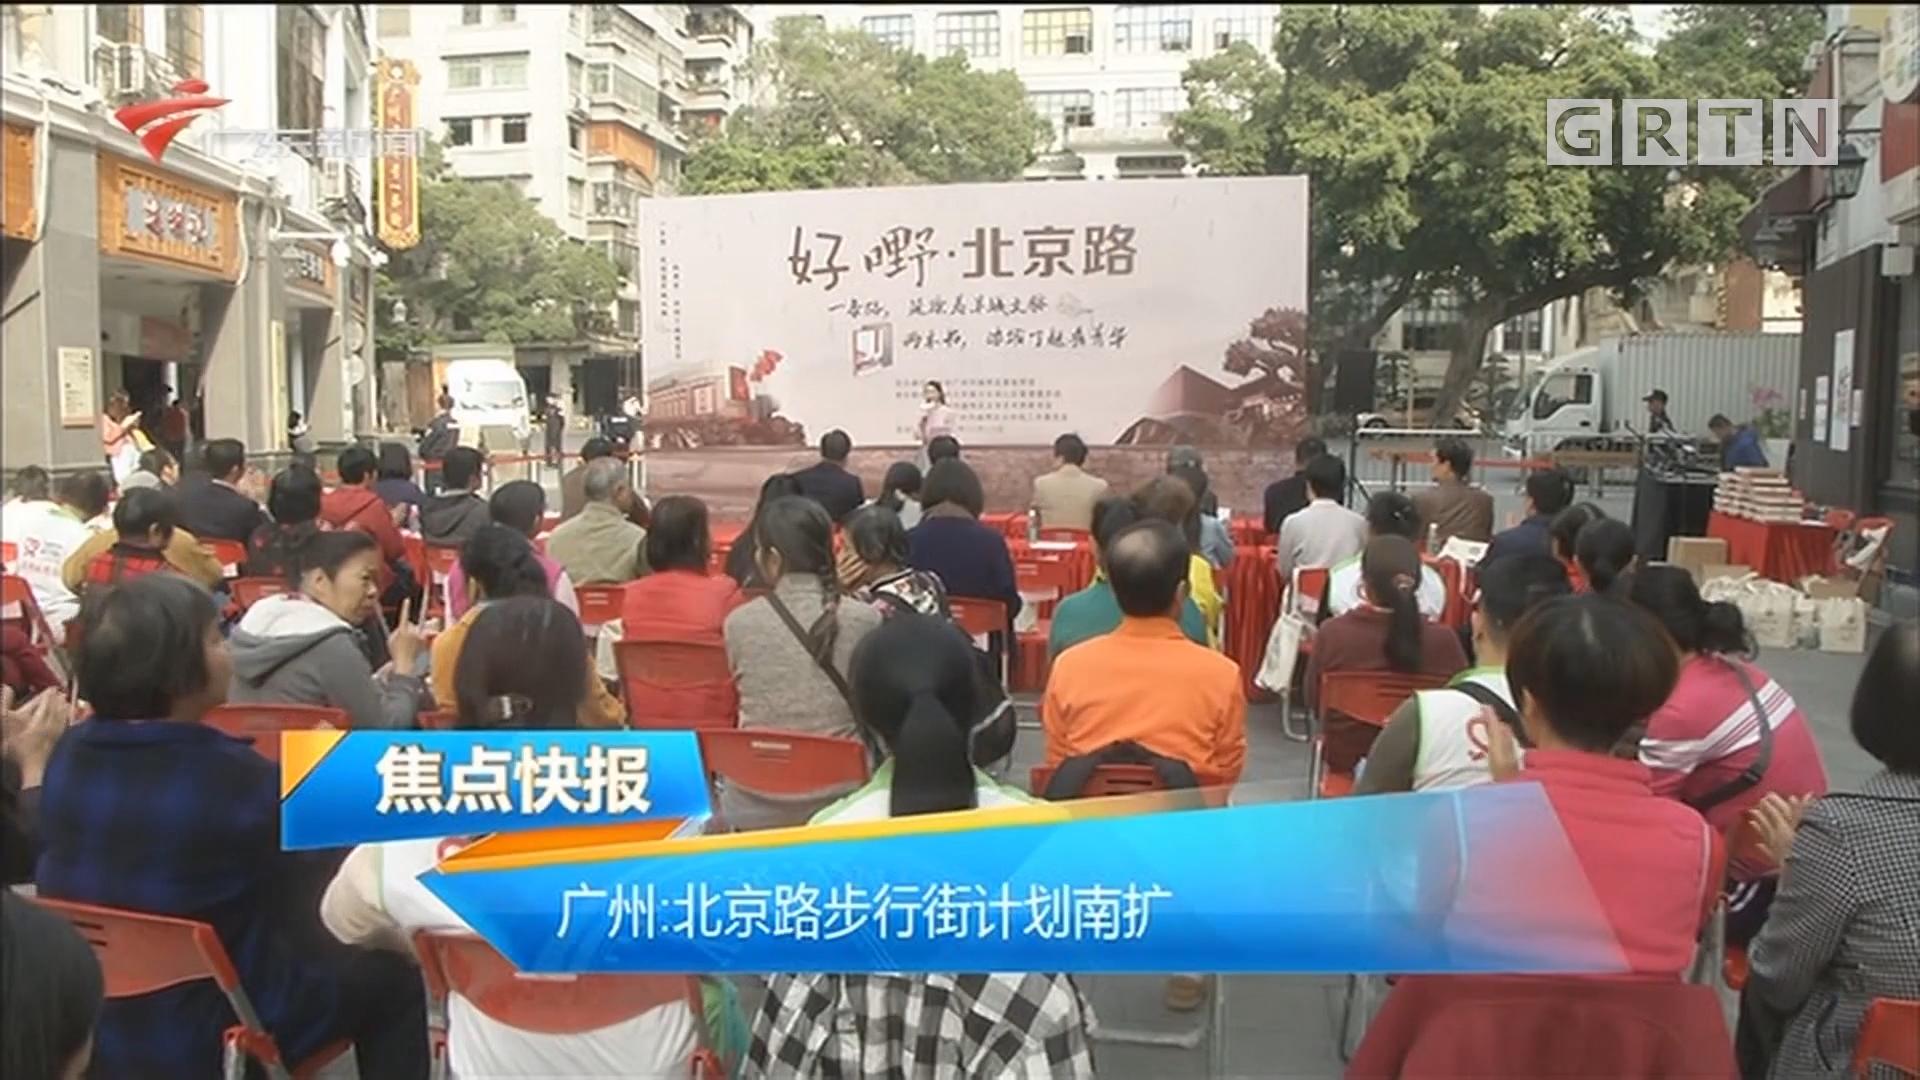 广州:北京路步行街计划南扩